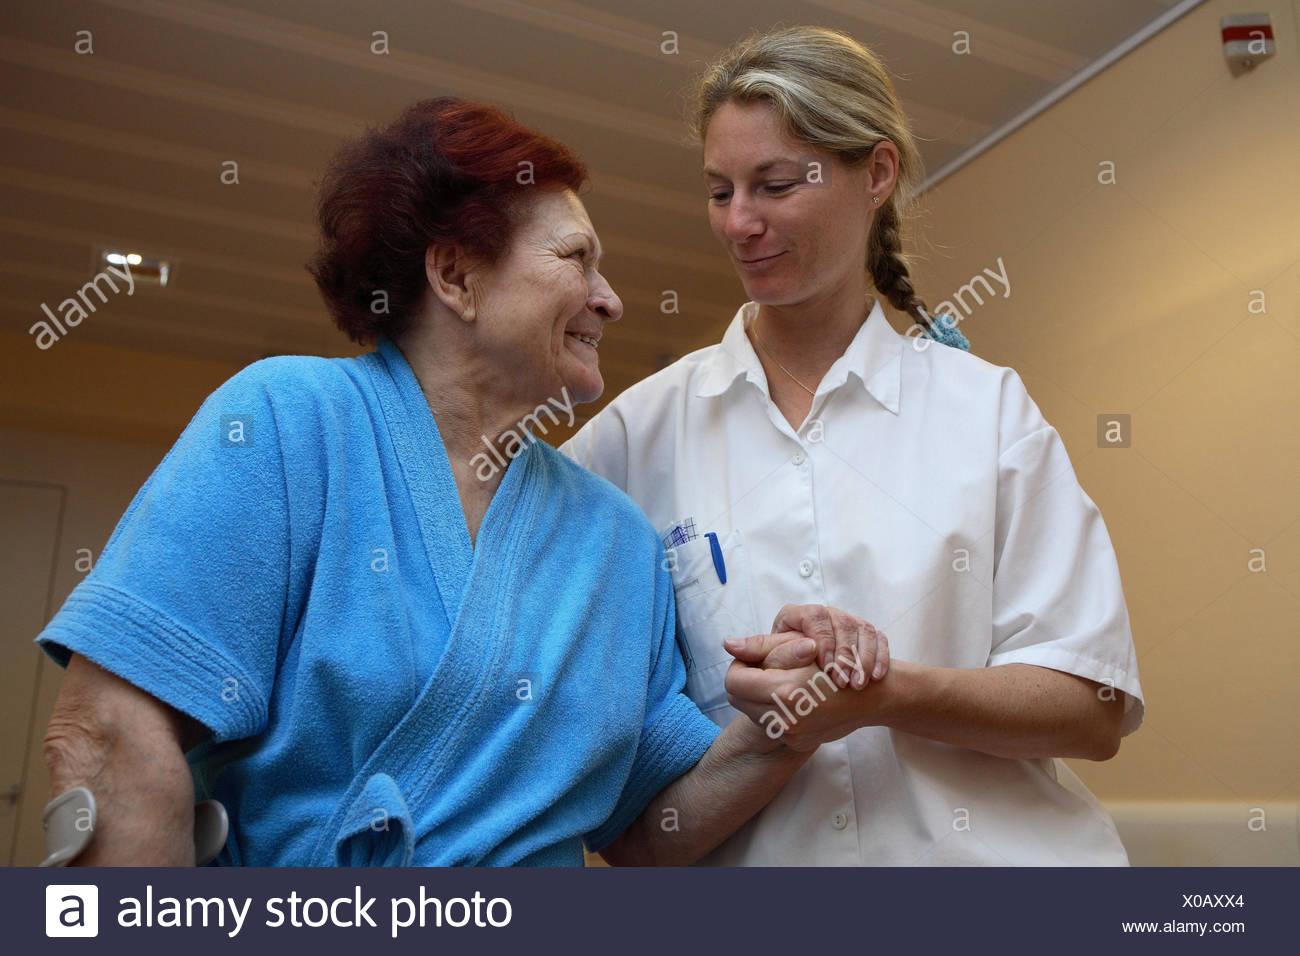 Ambulatorio di fisioterapia, paziente, senior, stampella, piombo, a piedi pratica, aiuto, contatto visivo, sorriso, metà ritratto, malato di stazione, Ward, professione, la casa di cura, professioni infermieristiche, donne, persone e due, vecchio, senior, accappatoio, infermieristica-indigenti, che hanno bisogno di cure, Reha, infermiere, infermiere, personale infermieristico, la pratica, la forza di assistenza infermieristica, pullman, assistenza, supporto, aiuto, assegno, cura, attenzione, convalescense, guarigione, fiducia, accompagnamento, gratitudine, all'interno, Immagini Stock